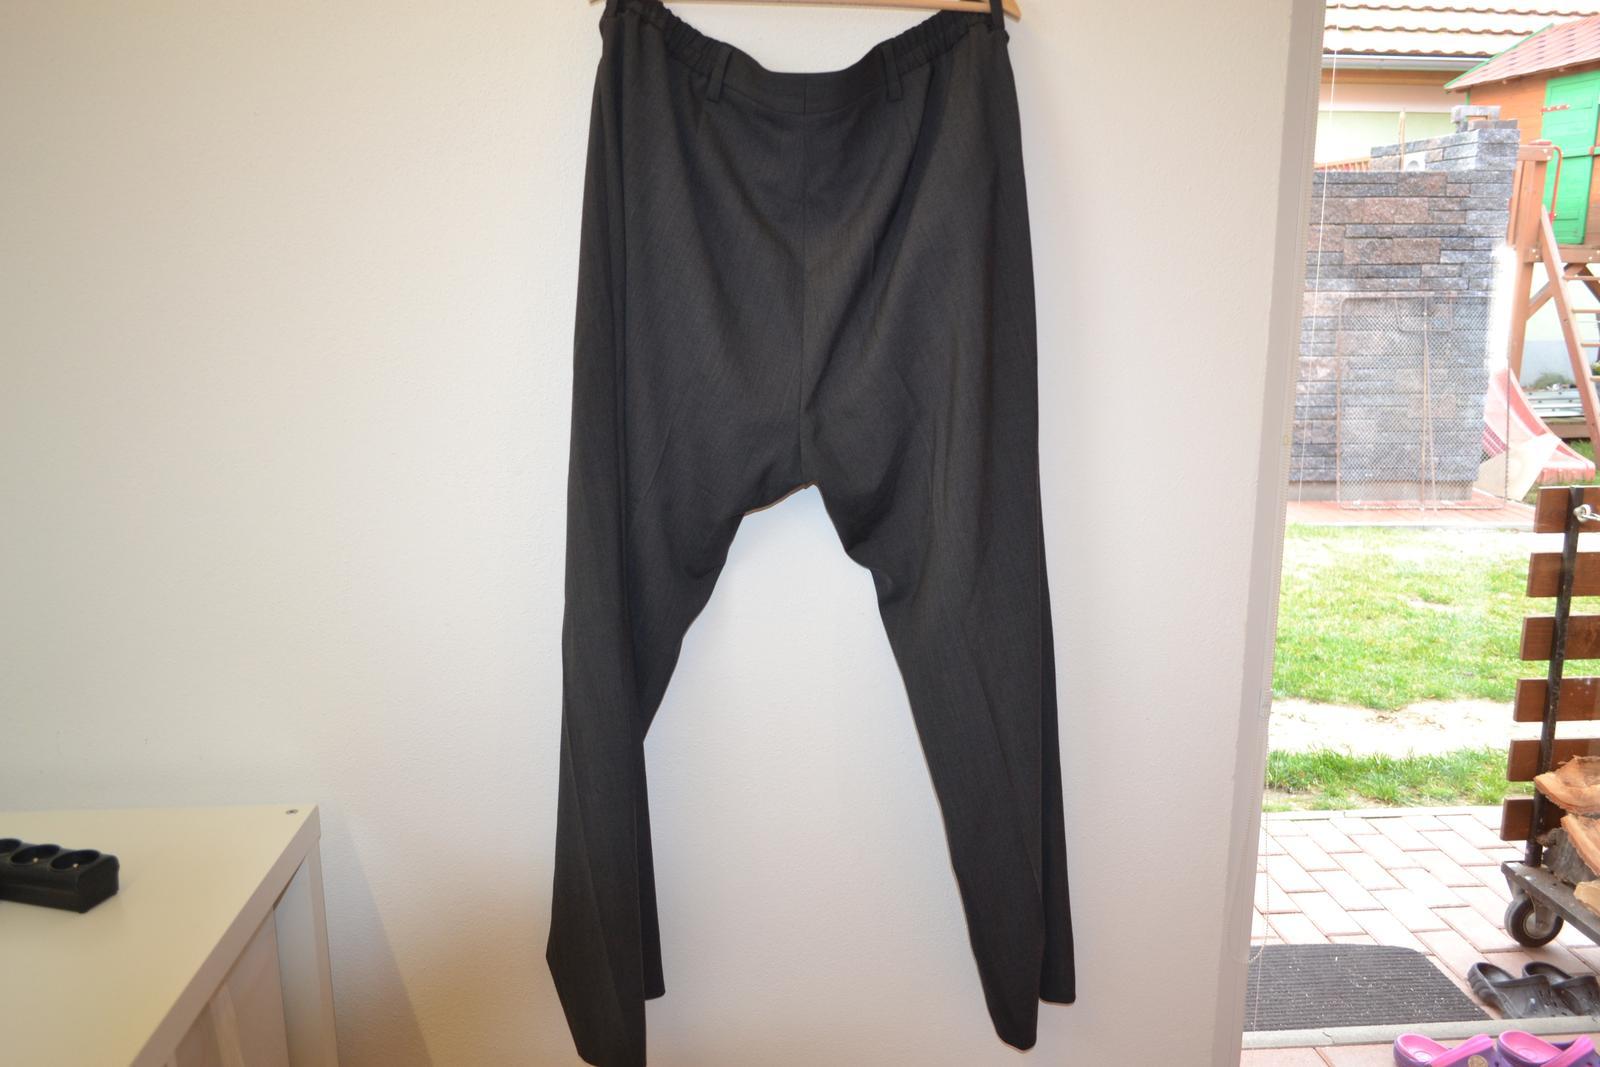 Kalhoty společenské s vlnou - pouze vyzkoušené - Obrázek č. 4